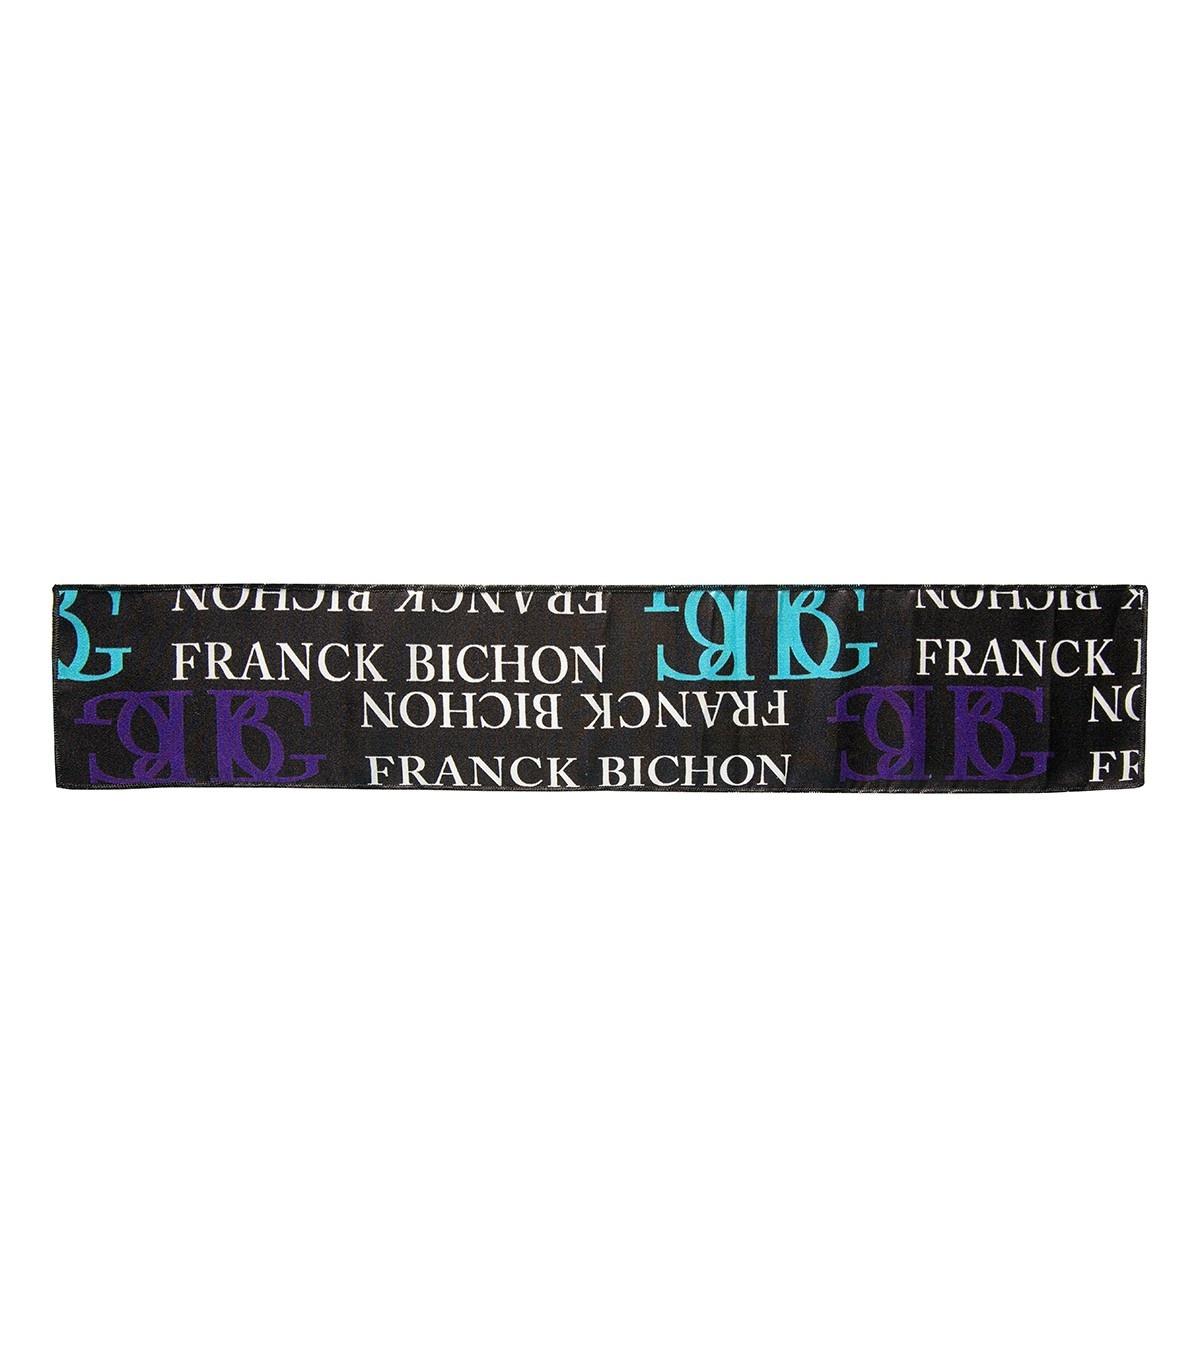 BG France BG Inside Case Cover for Flute (B Foot)